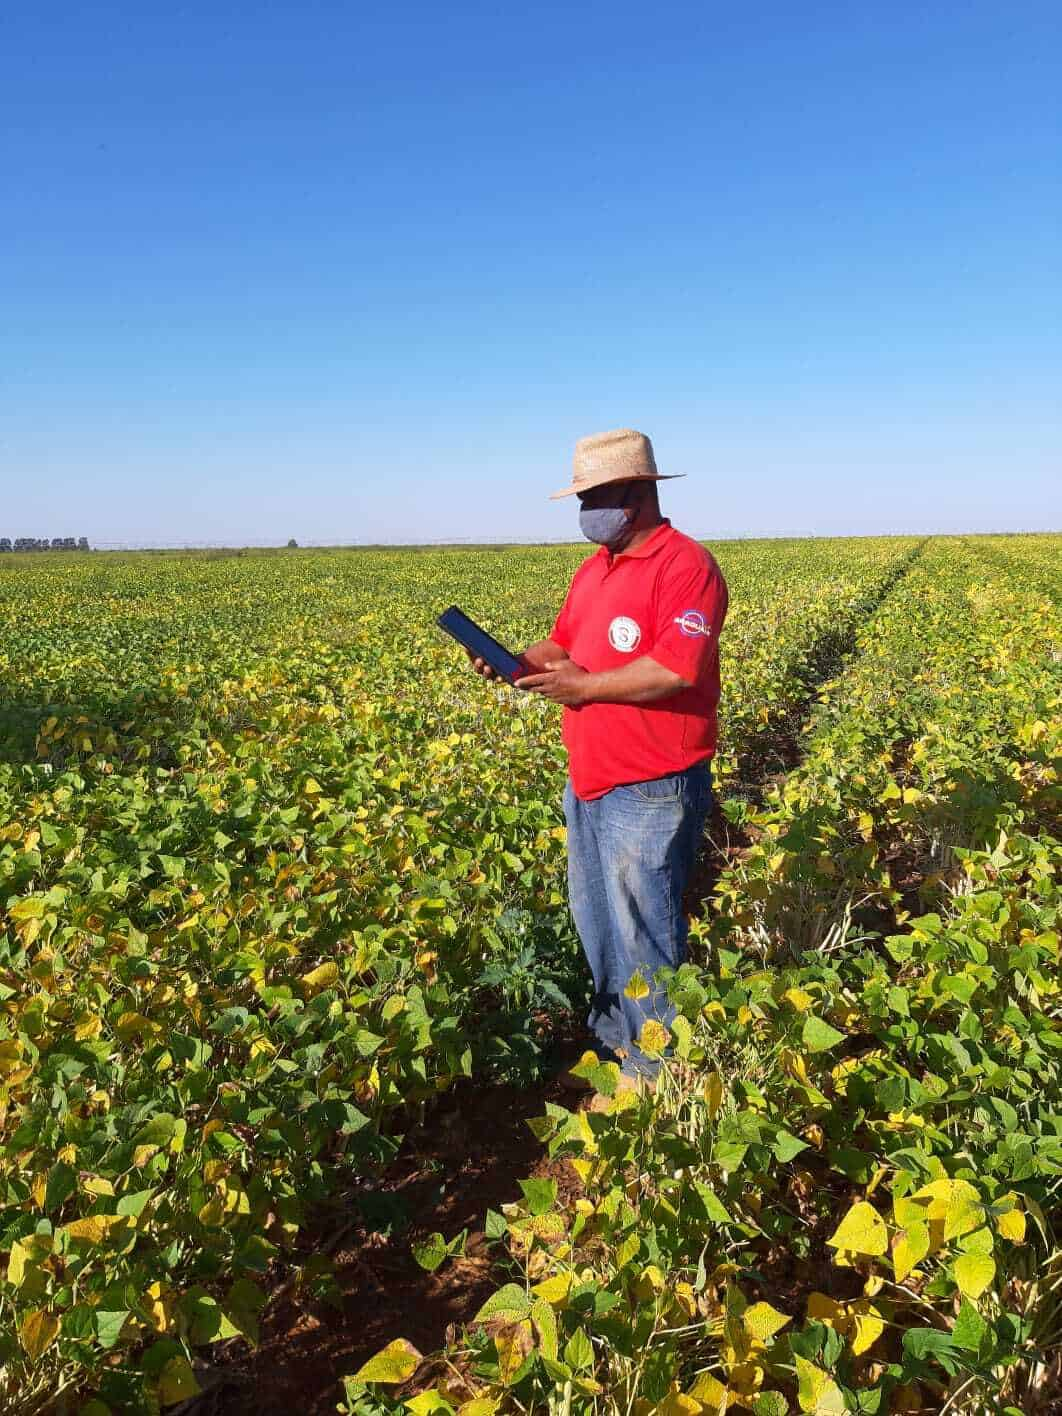 A imagem mostra funcionário da fazenda Shangri-lá  no meio do campo, com um chapéu, máscara e com um tablet em mãos.